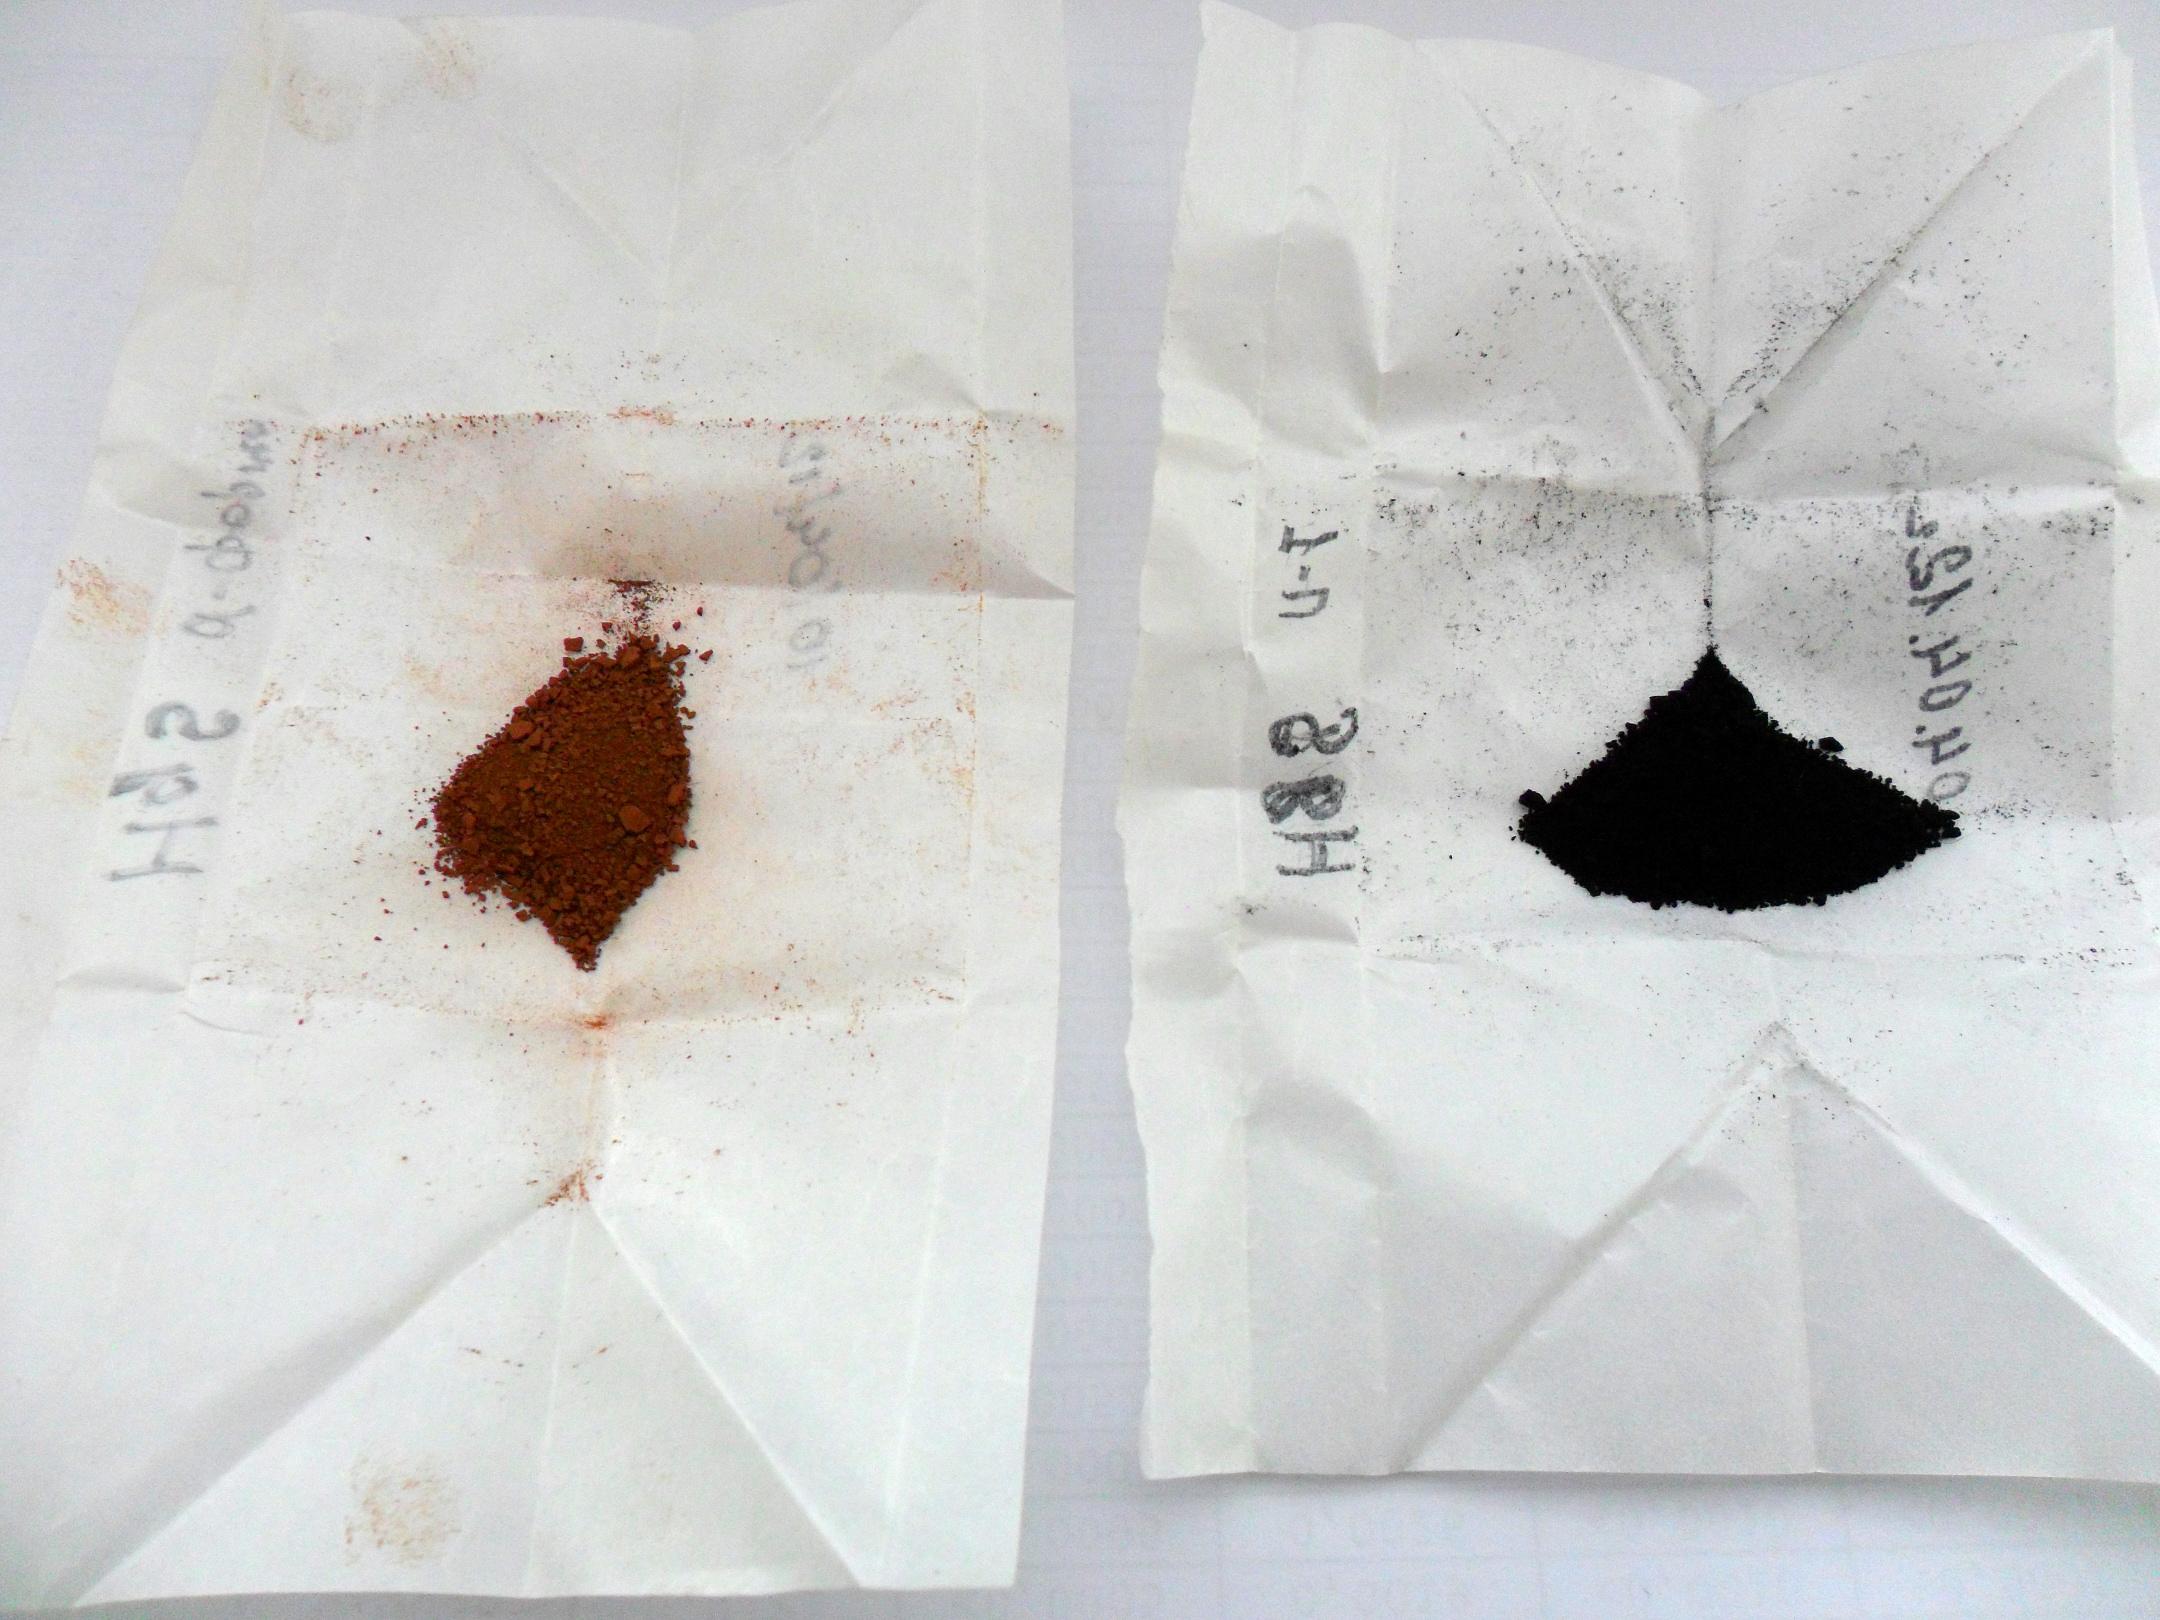 Две формы сульфида ртути - красная и черная. Коричневый оттенок красной формы обусловлен перегревом (если верить практикуму Карякина).